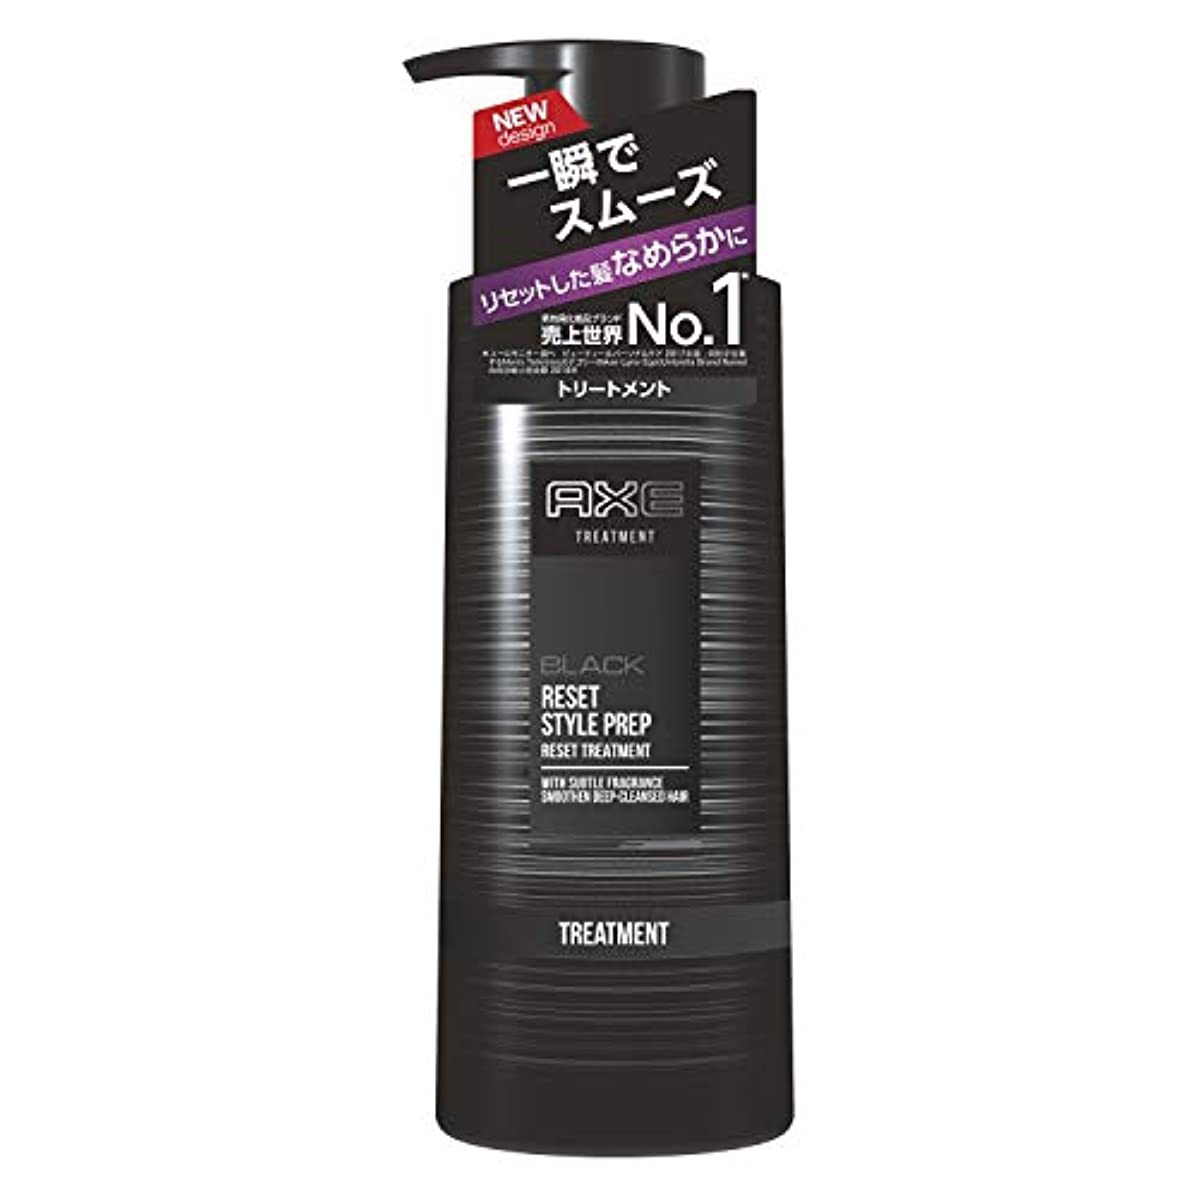 ディーラー熟練した解釈的アックス ブラック 男性用 トリートメント ポンプ (速攻スムーズ ラクなスタイリングへ) 350g (クールマリンのさりげない香り)